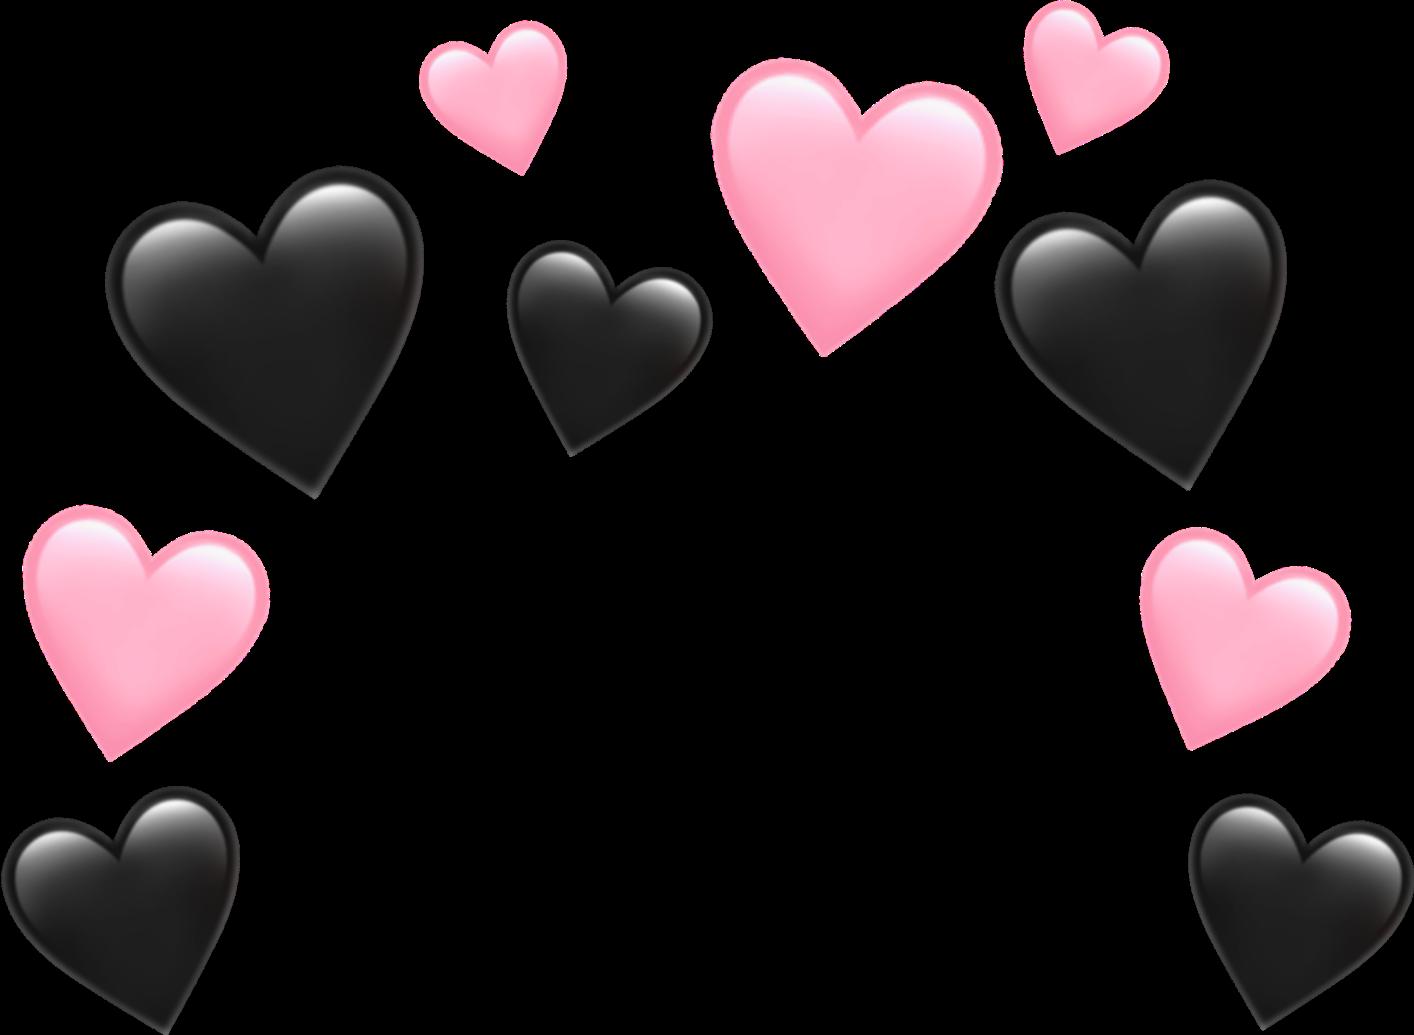 кафель как поставить сердечки над головой на фото которые